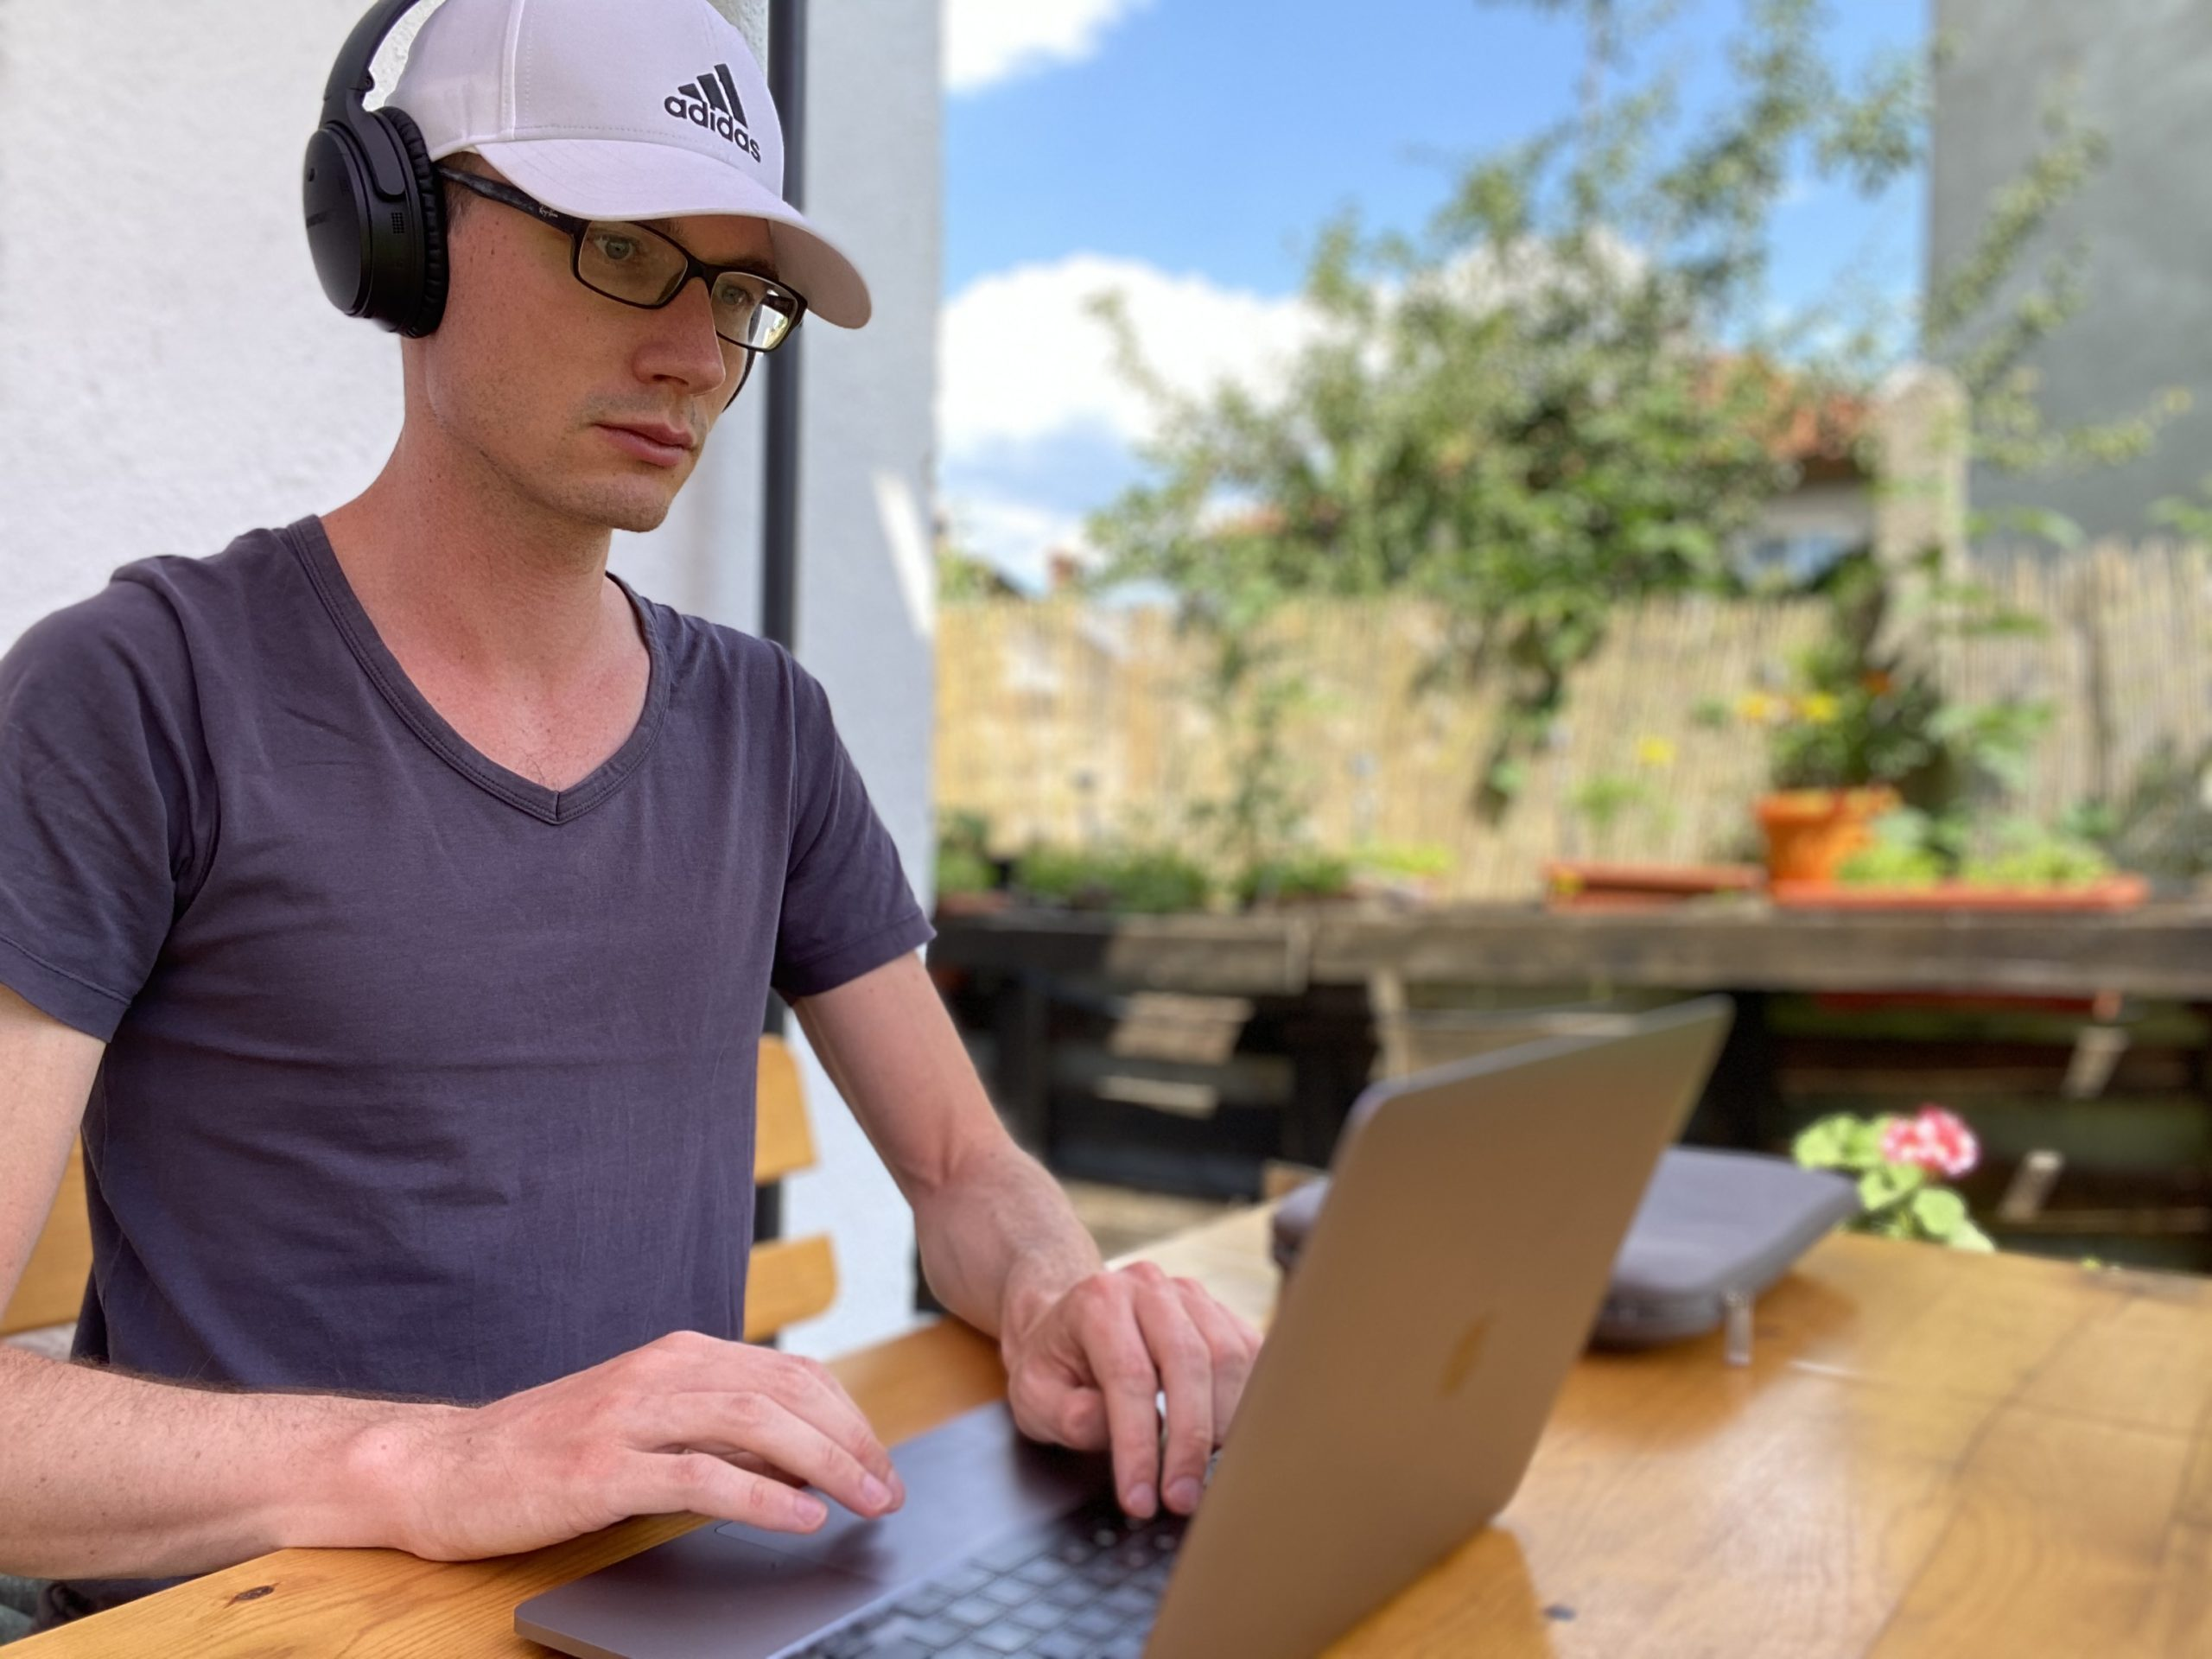 Bester Laptop für digitale nomaden